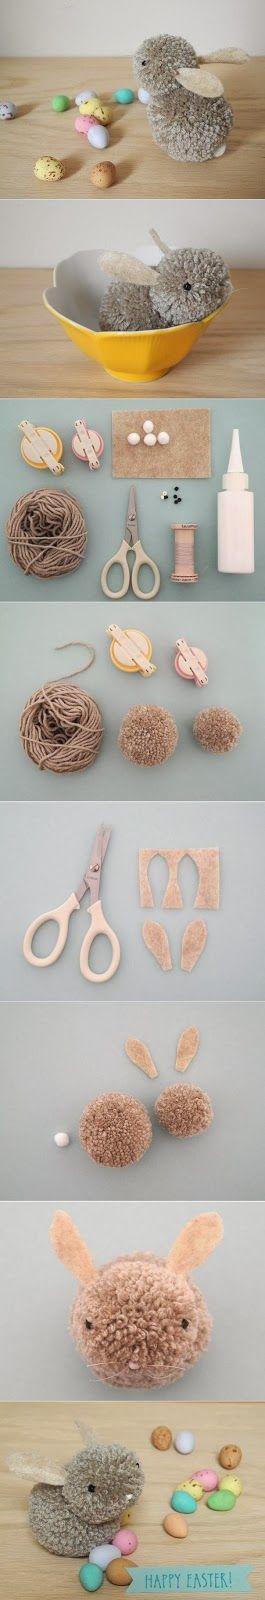 Faça você mesmo com as crianças: coelhinho com novelo de lã para enfeitar nessa Páscoa